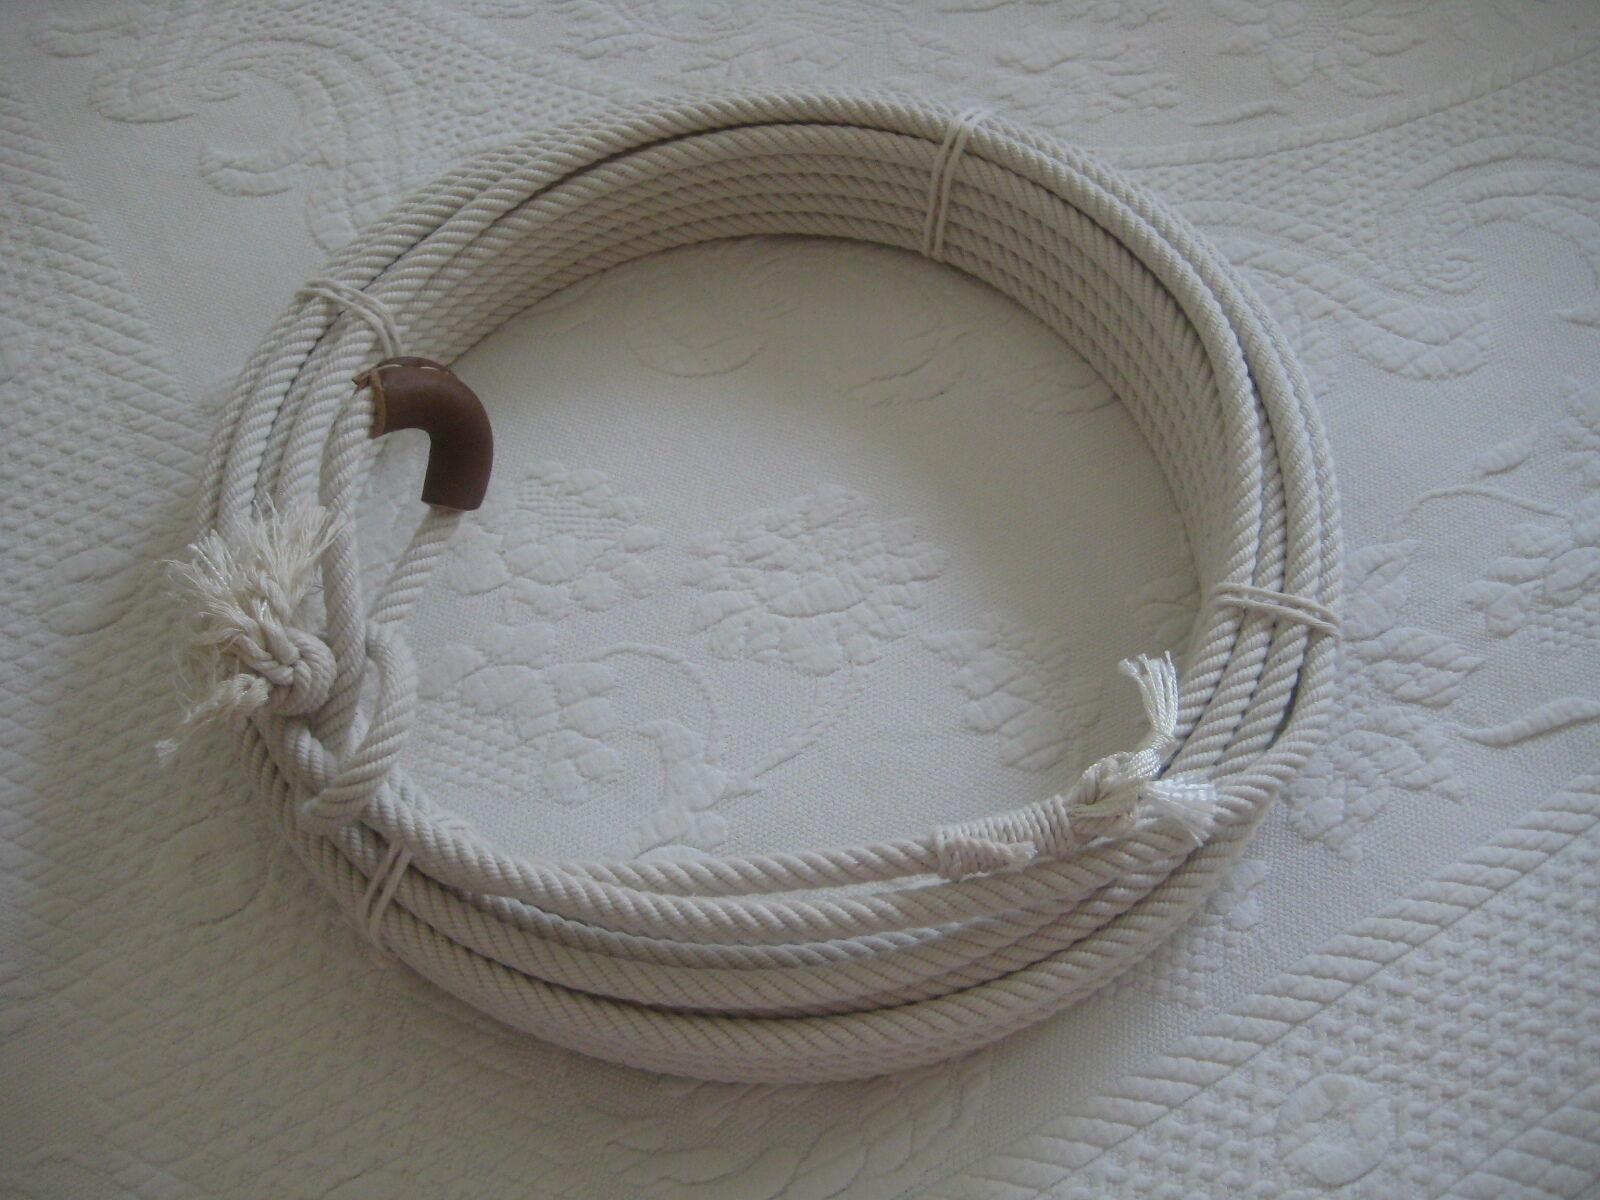 Cotton Lariat Rope Reata Soga - CR-08  63 ft 3 8  dia., w Leather Burner